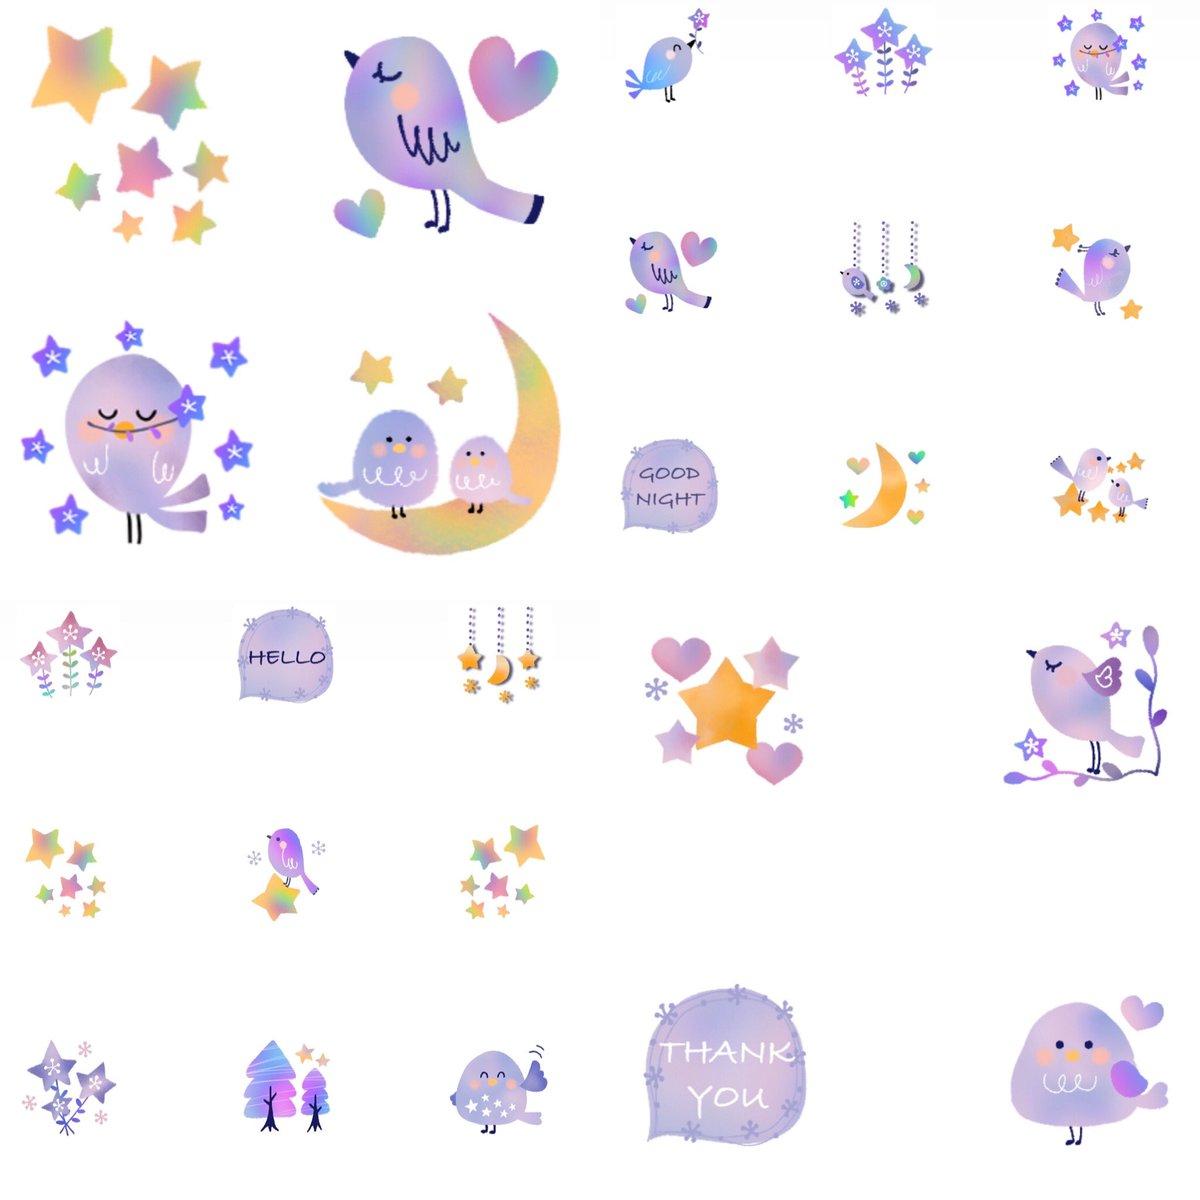 #LINE絵文字 #小鳥 #イラスト  #イラスト好きさんと繋がりたい こんばんは✨😃皆様良い週末をお過ごし下さい💫🔸リリースしました🔸🌟星と月と小鳥🌛可愛い星と小鳥がメッセージを優しく飾ります🎶よければ覗きに来て下さいね💖